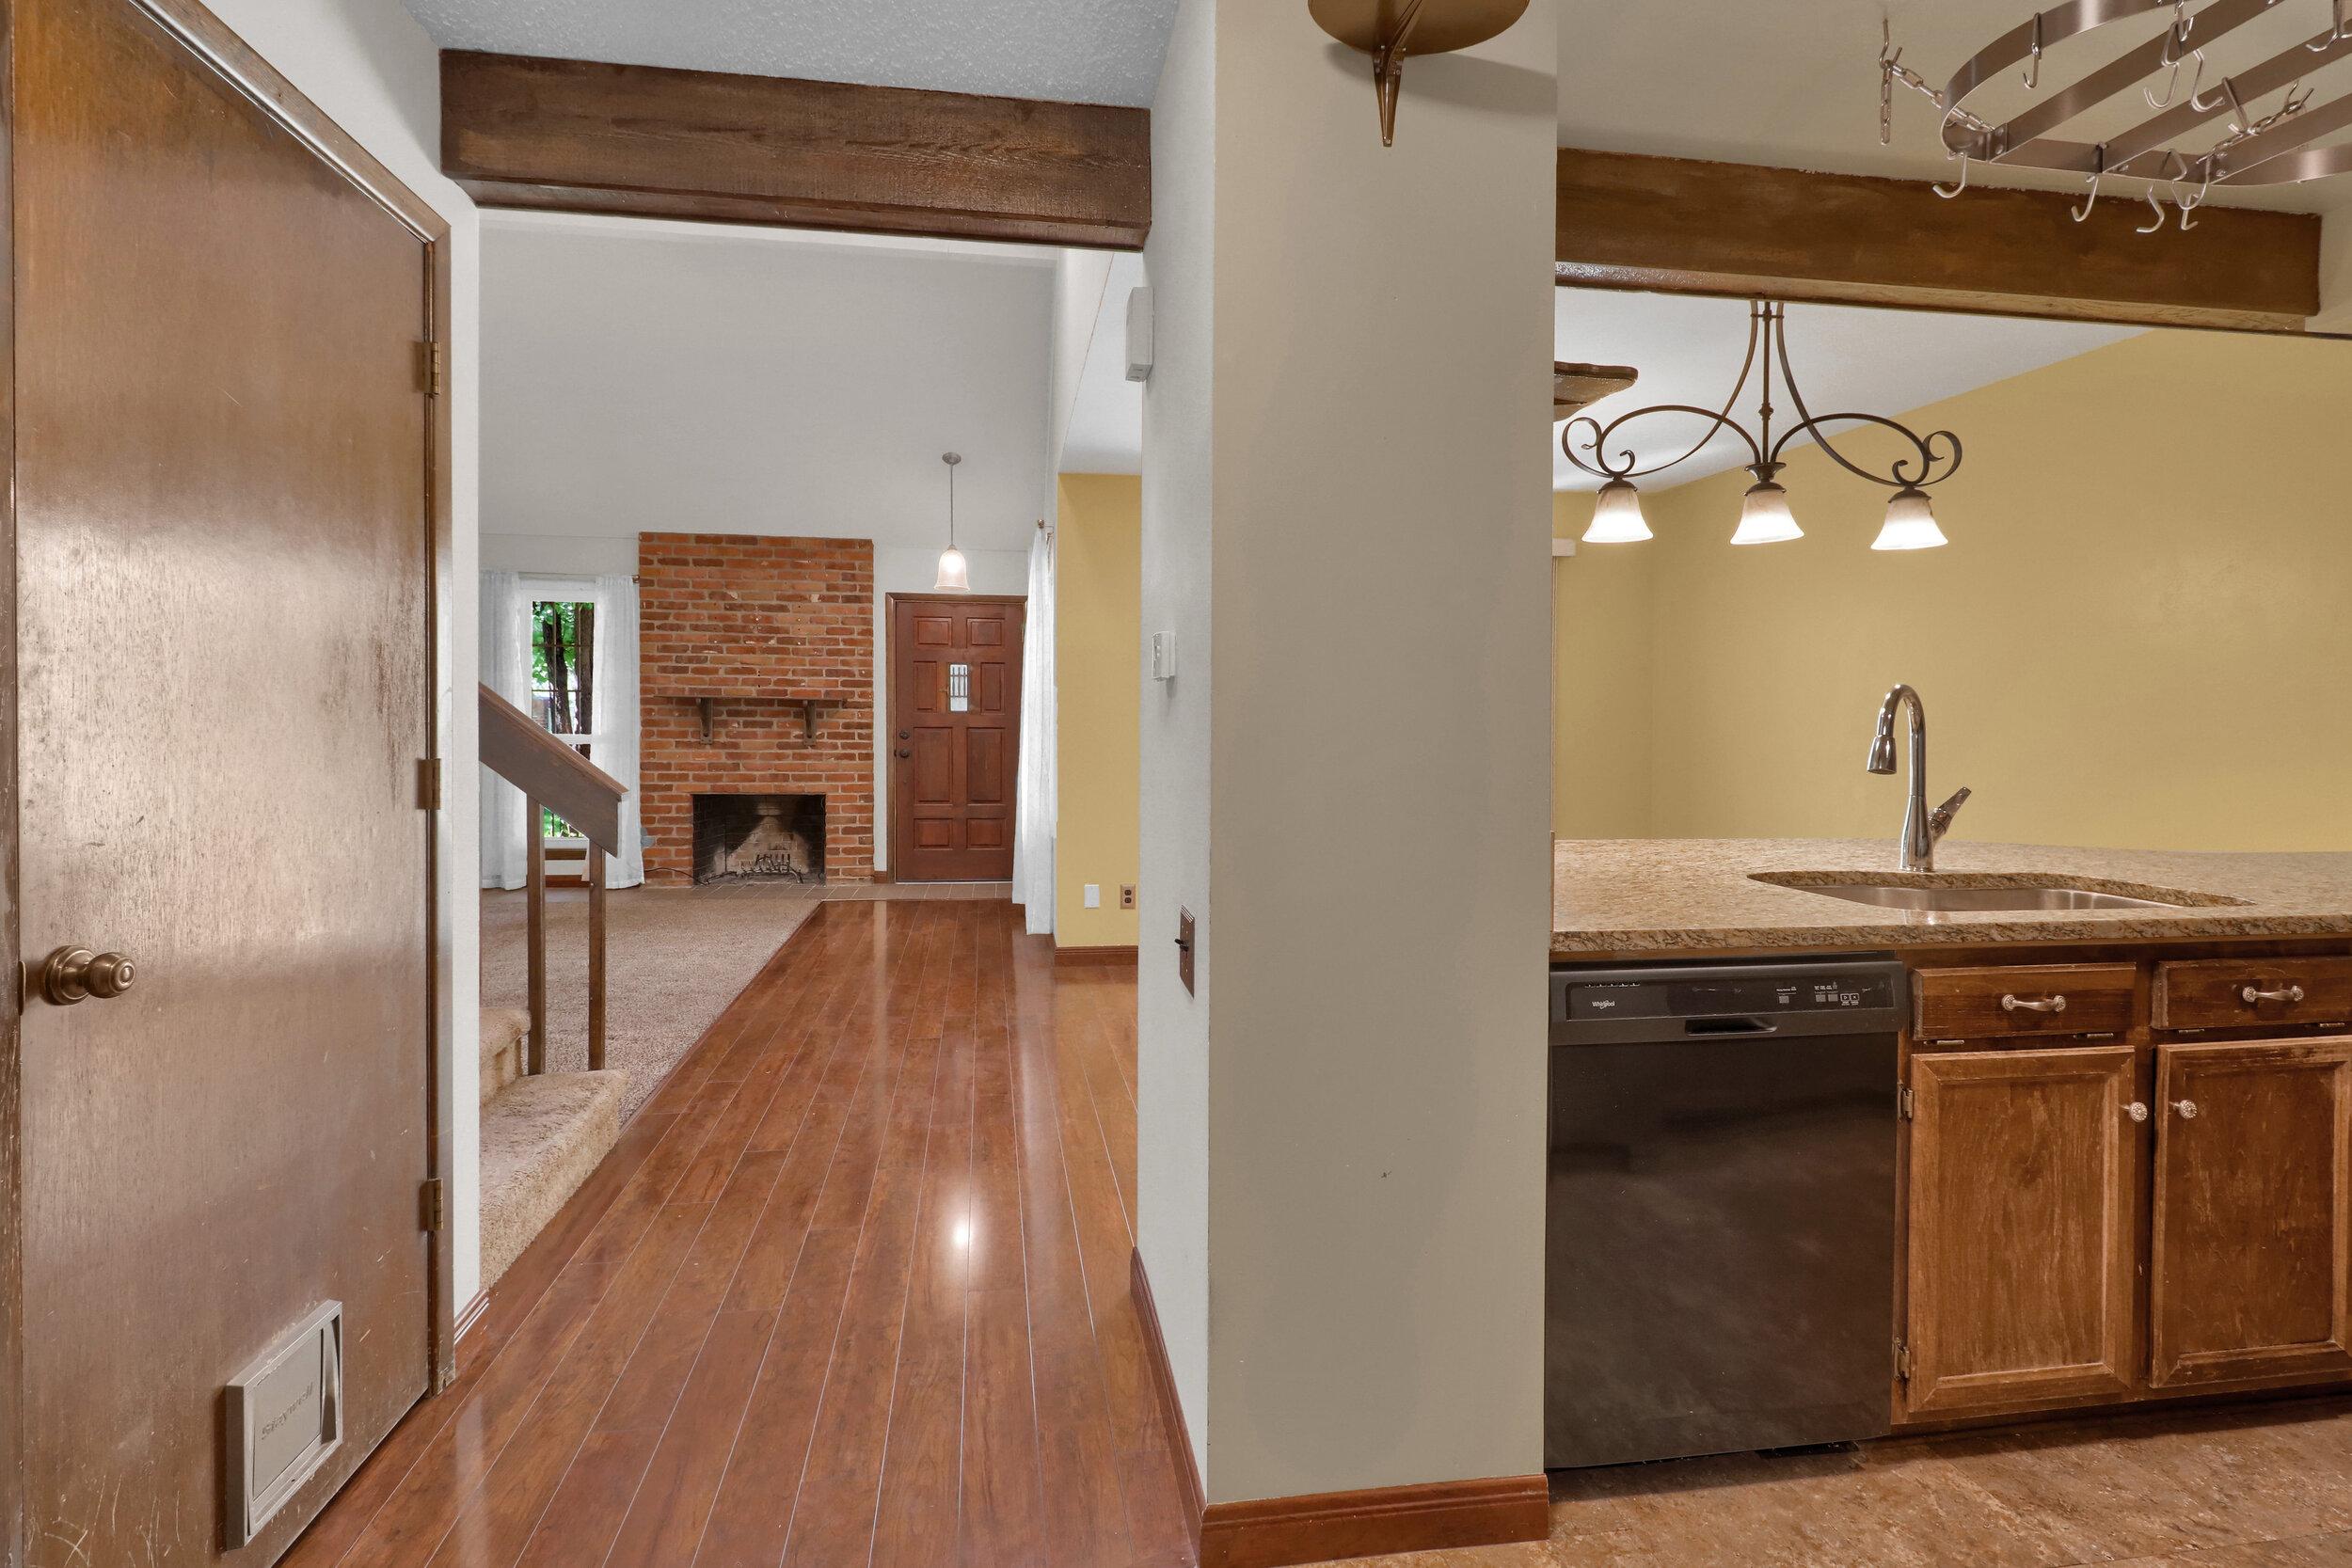 9970 Grove Street Unit B-print-009-012-Kitchen-4200x2800-300dpi.jpg